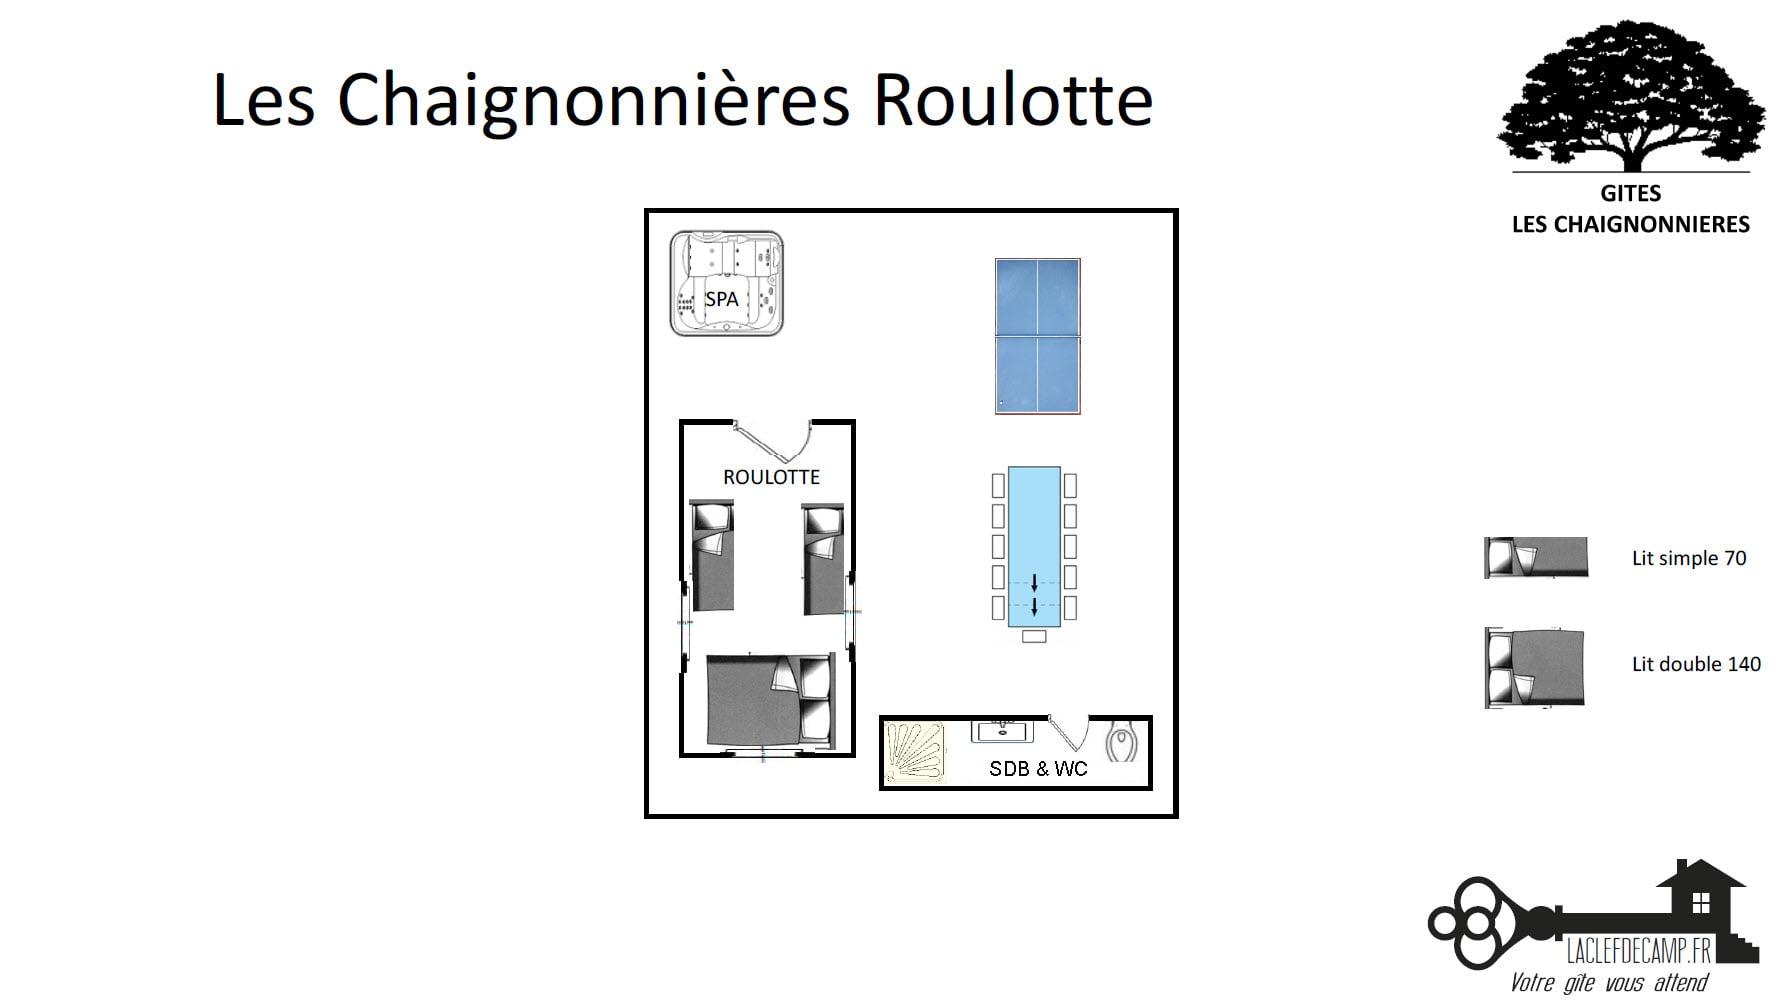 Roulotte gite - LA ROULOTTE - Location de Gite La Clef Decamp - Laclefdecamp.fr